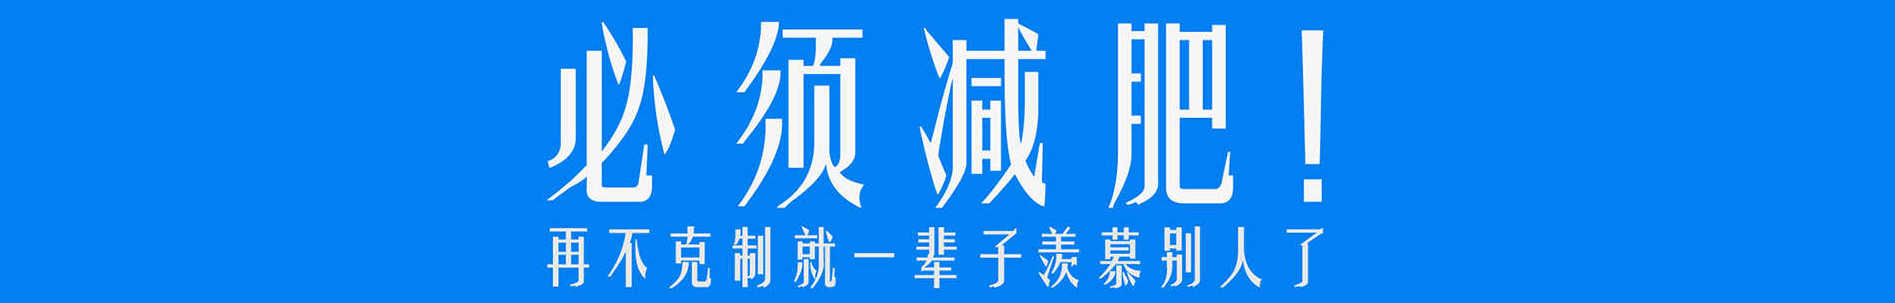 郑多燕减肥运动合集 banner